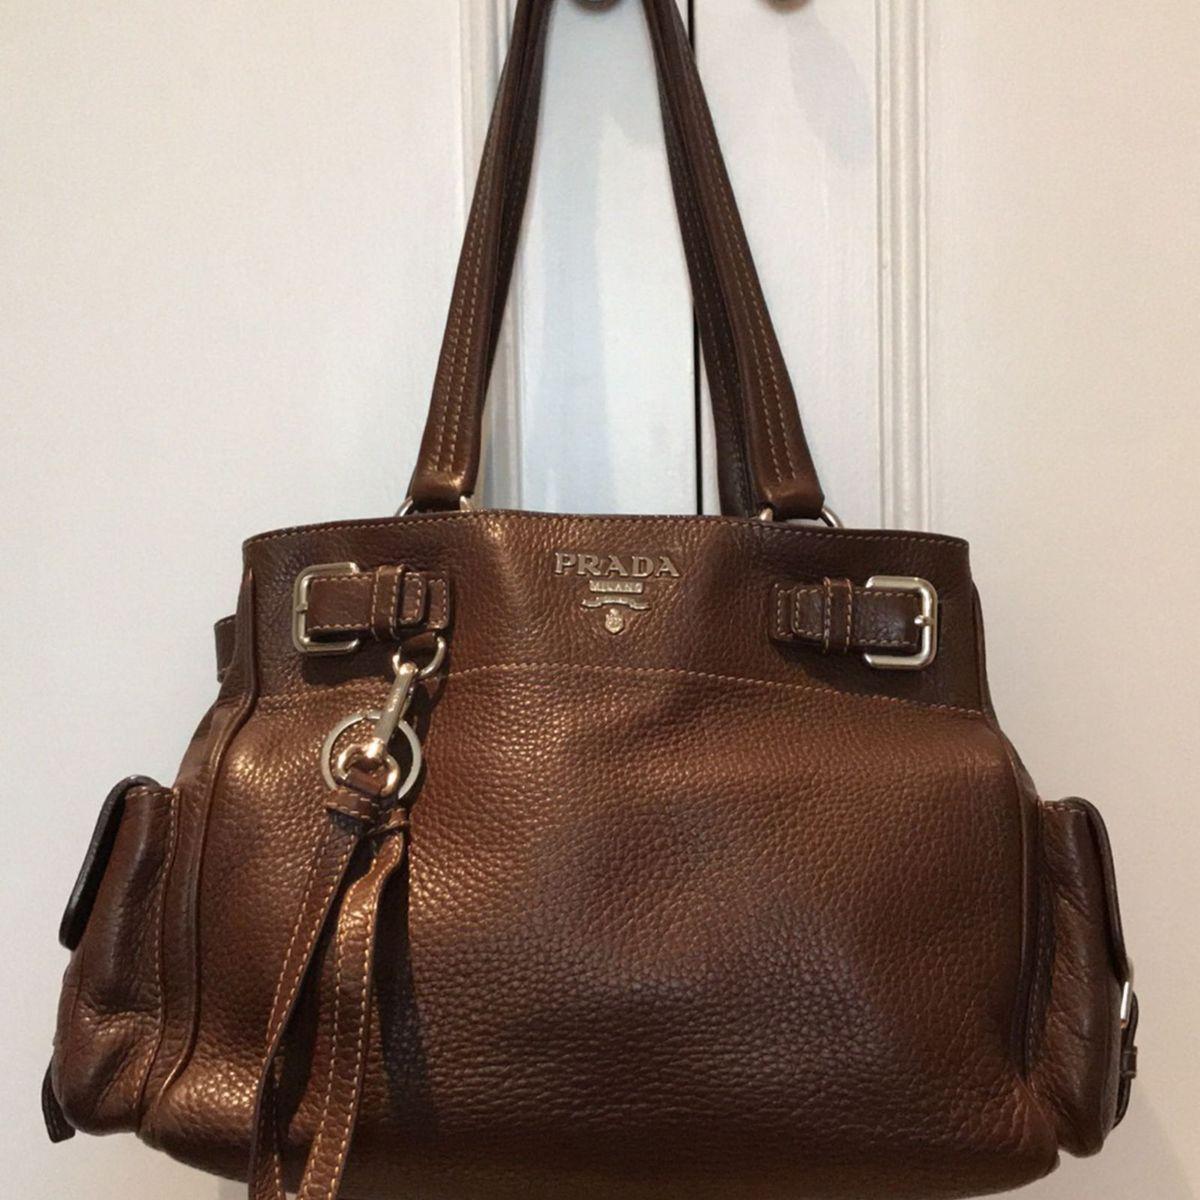 48091bcb5 Bolsa Prada Original Couro Marrom com Cartão de Autenticidade e Dust Bag |  Bolsa de Ombro Feminina Prada Usado 29145502 | enjoei